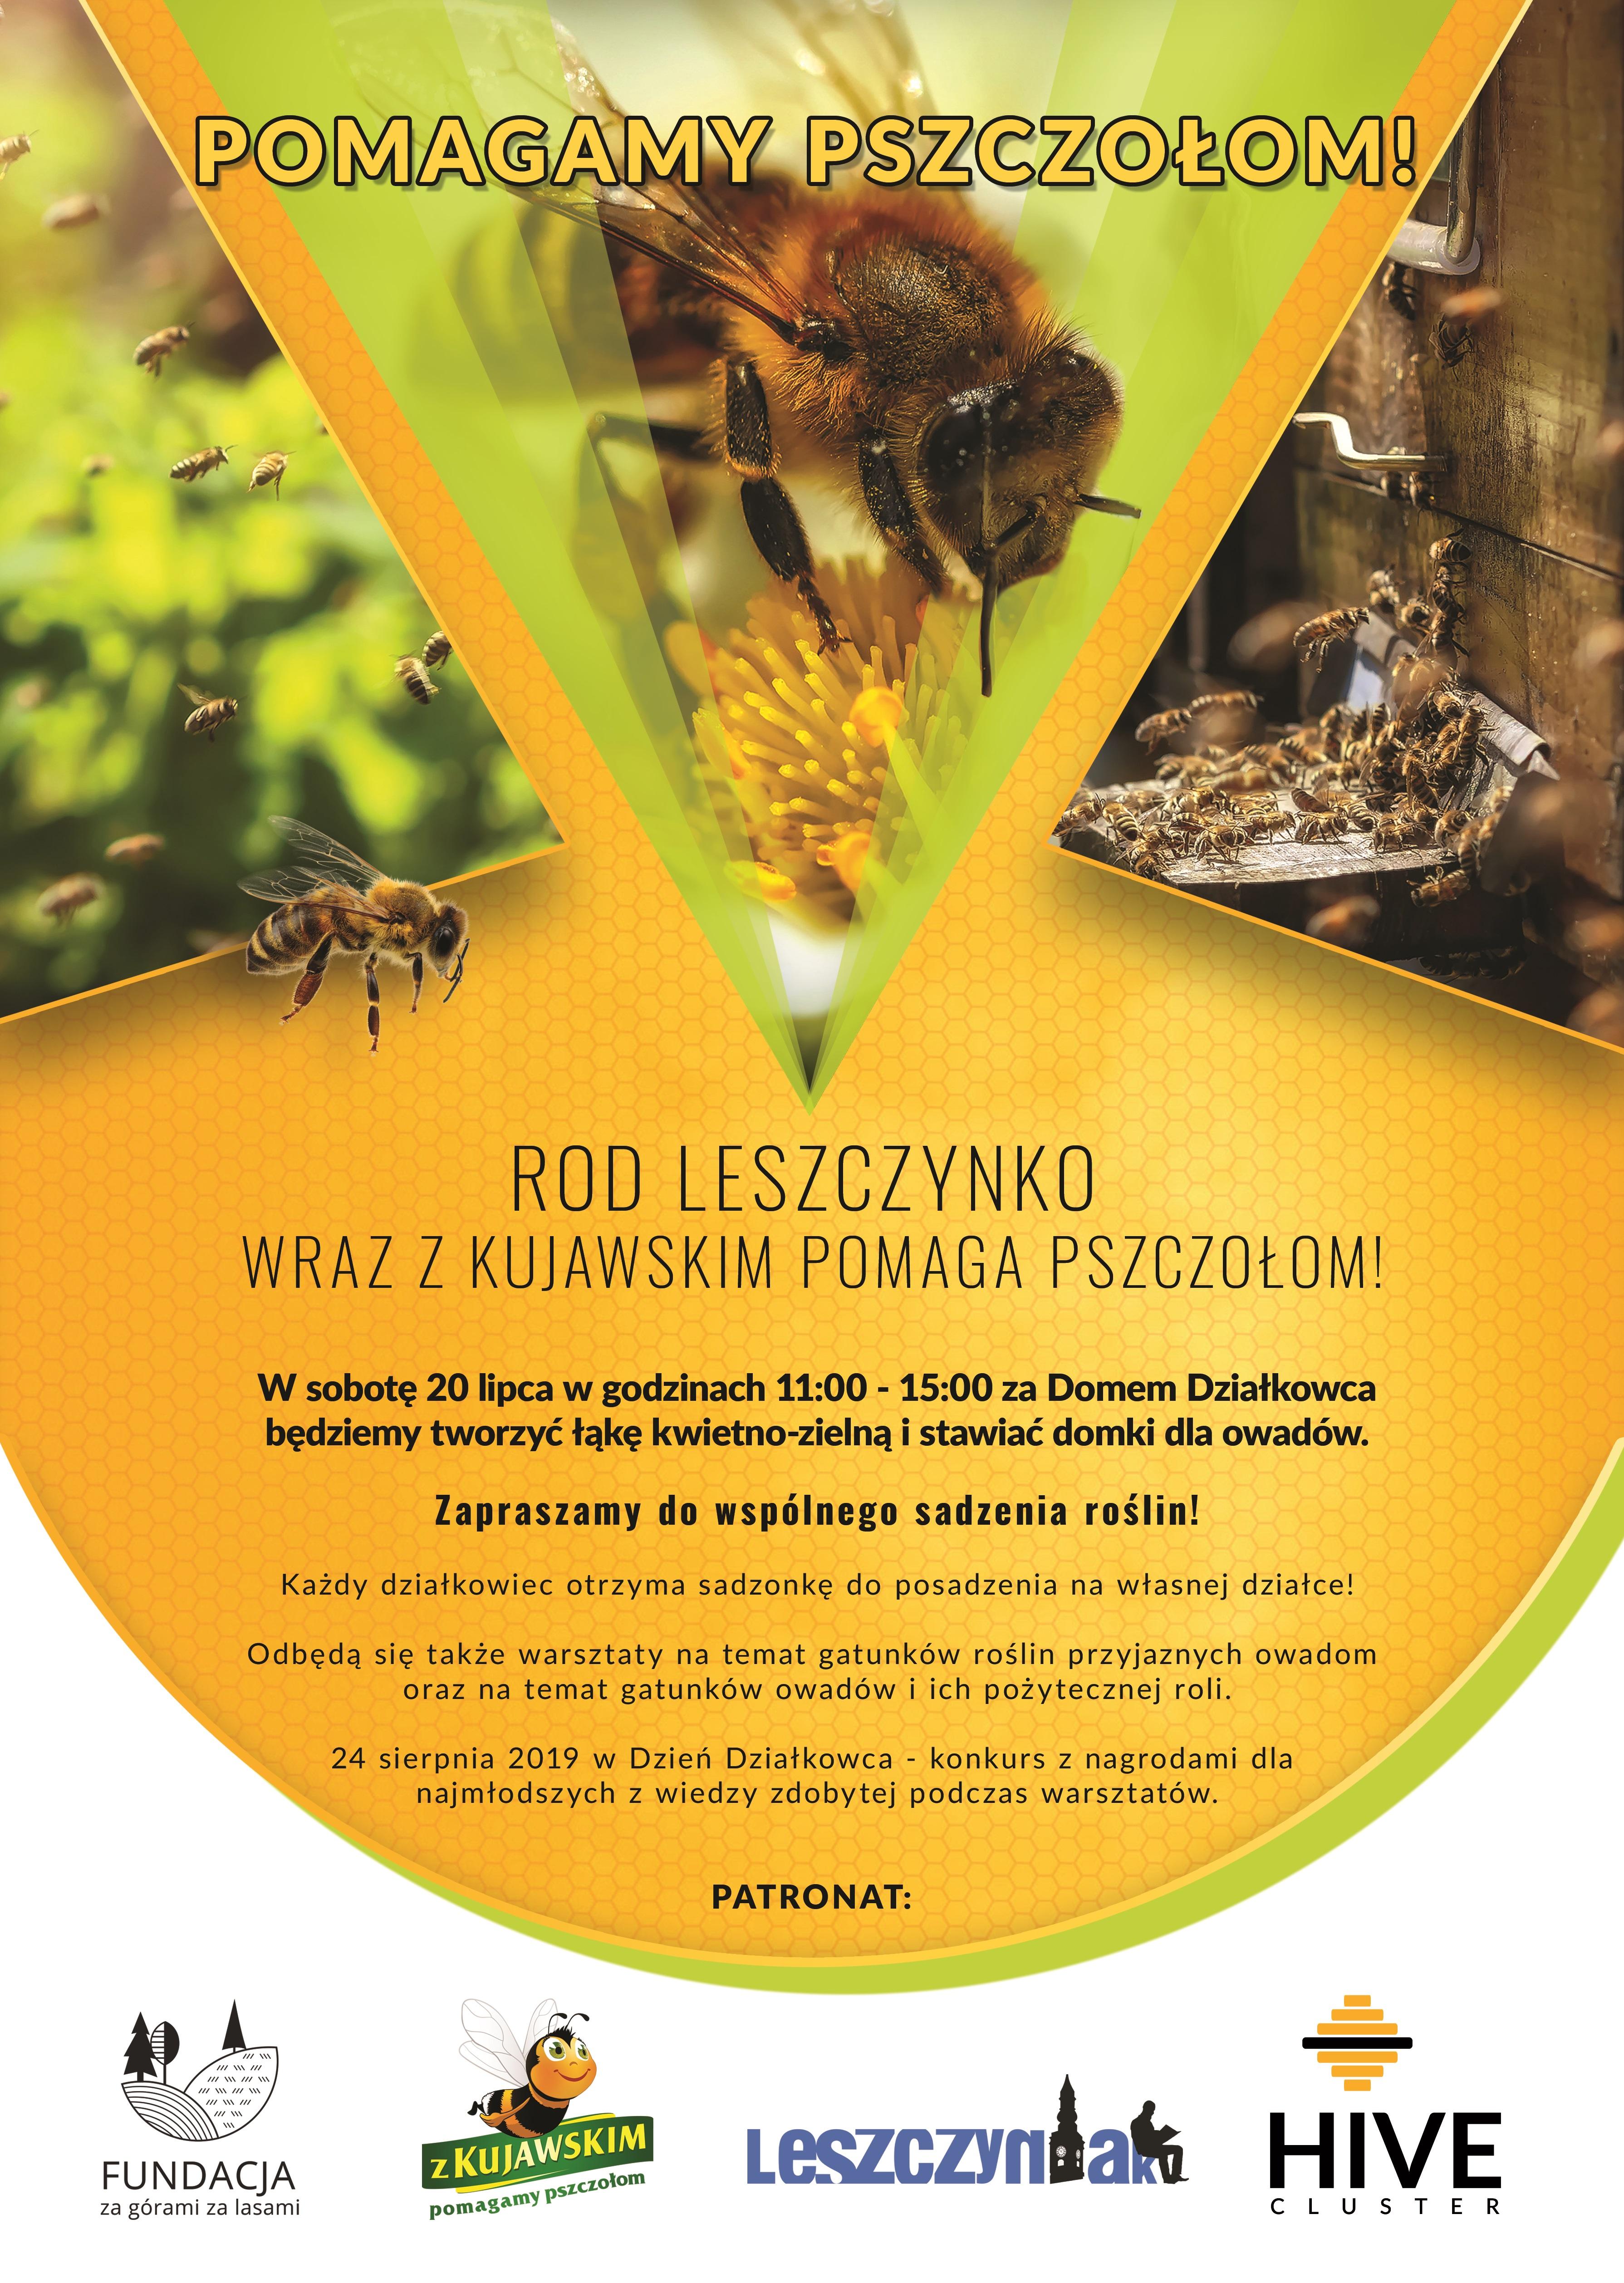 Pomagamy pszczołom z ROD Leszczynko